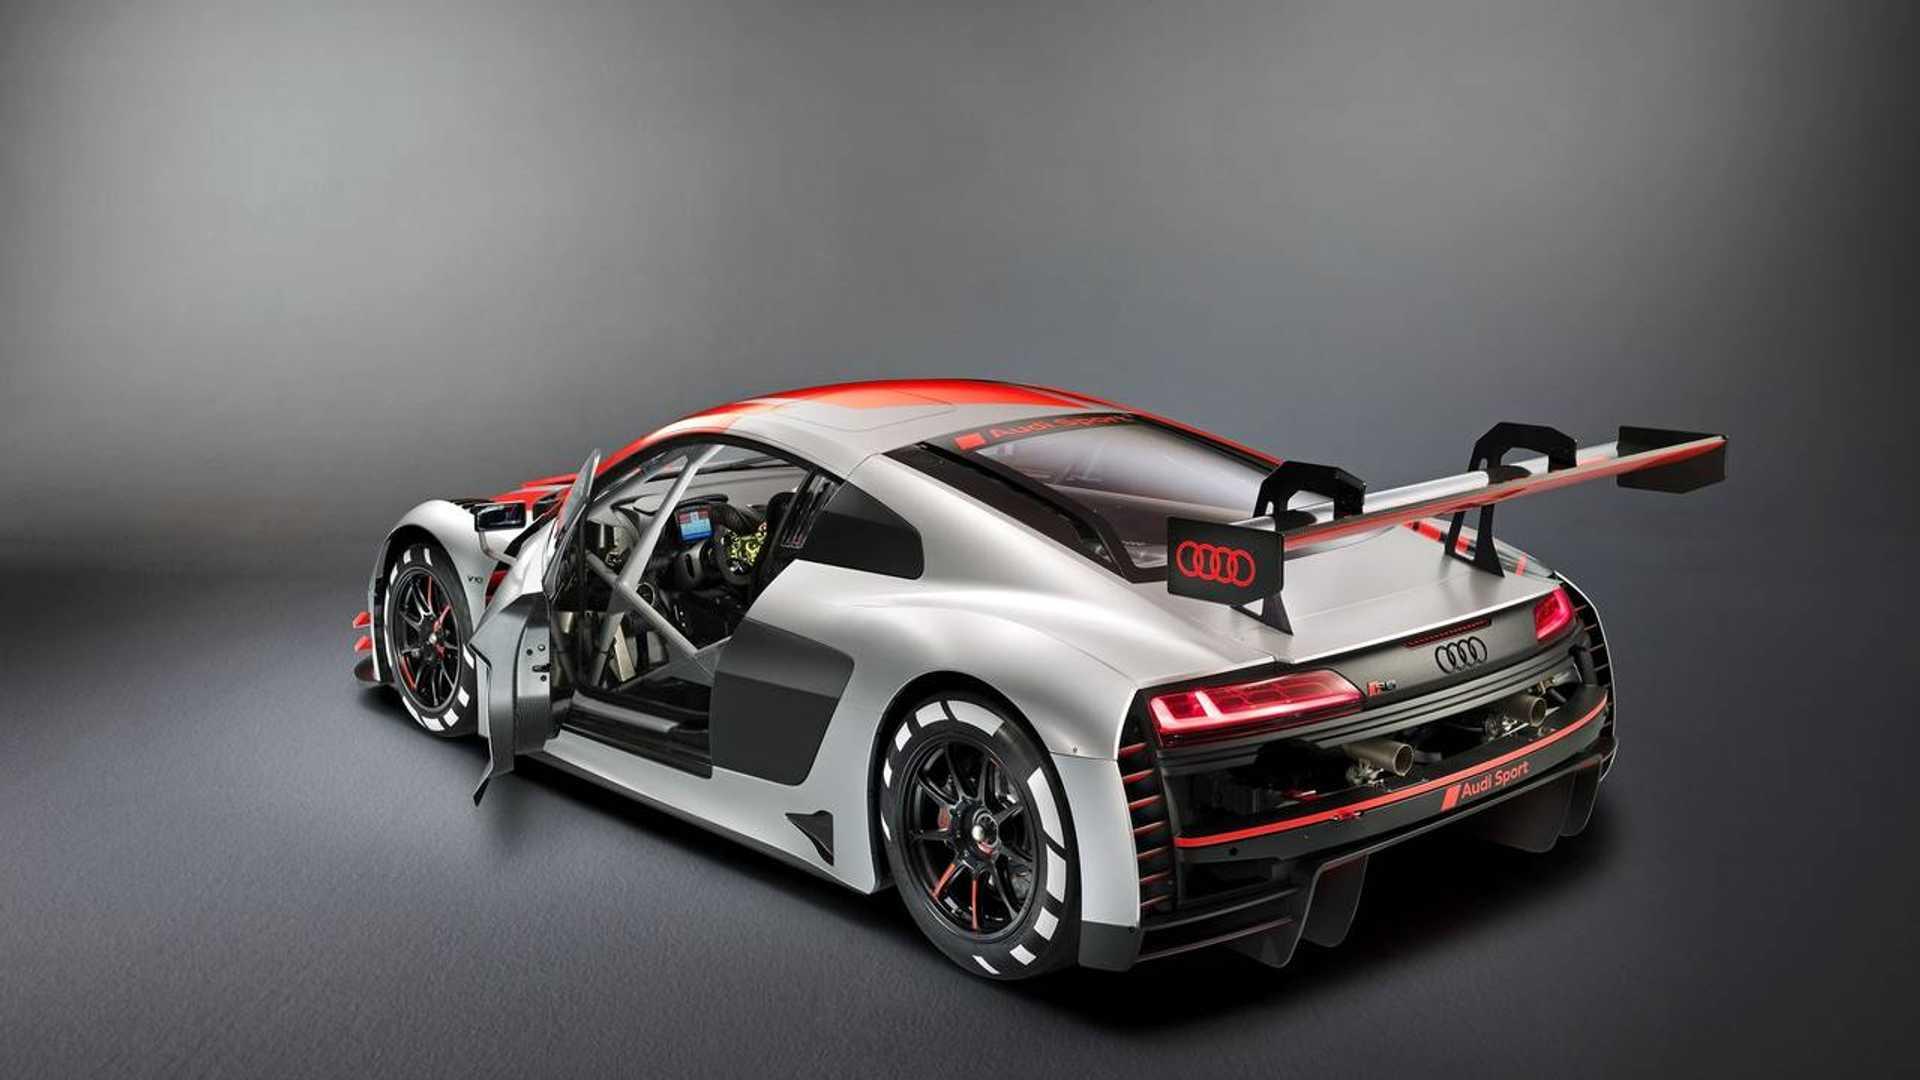 Kelebihan Kekurangan Audi R8 Lms Gt3 Spesifikasi